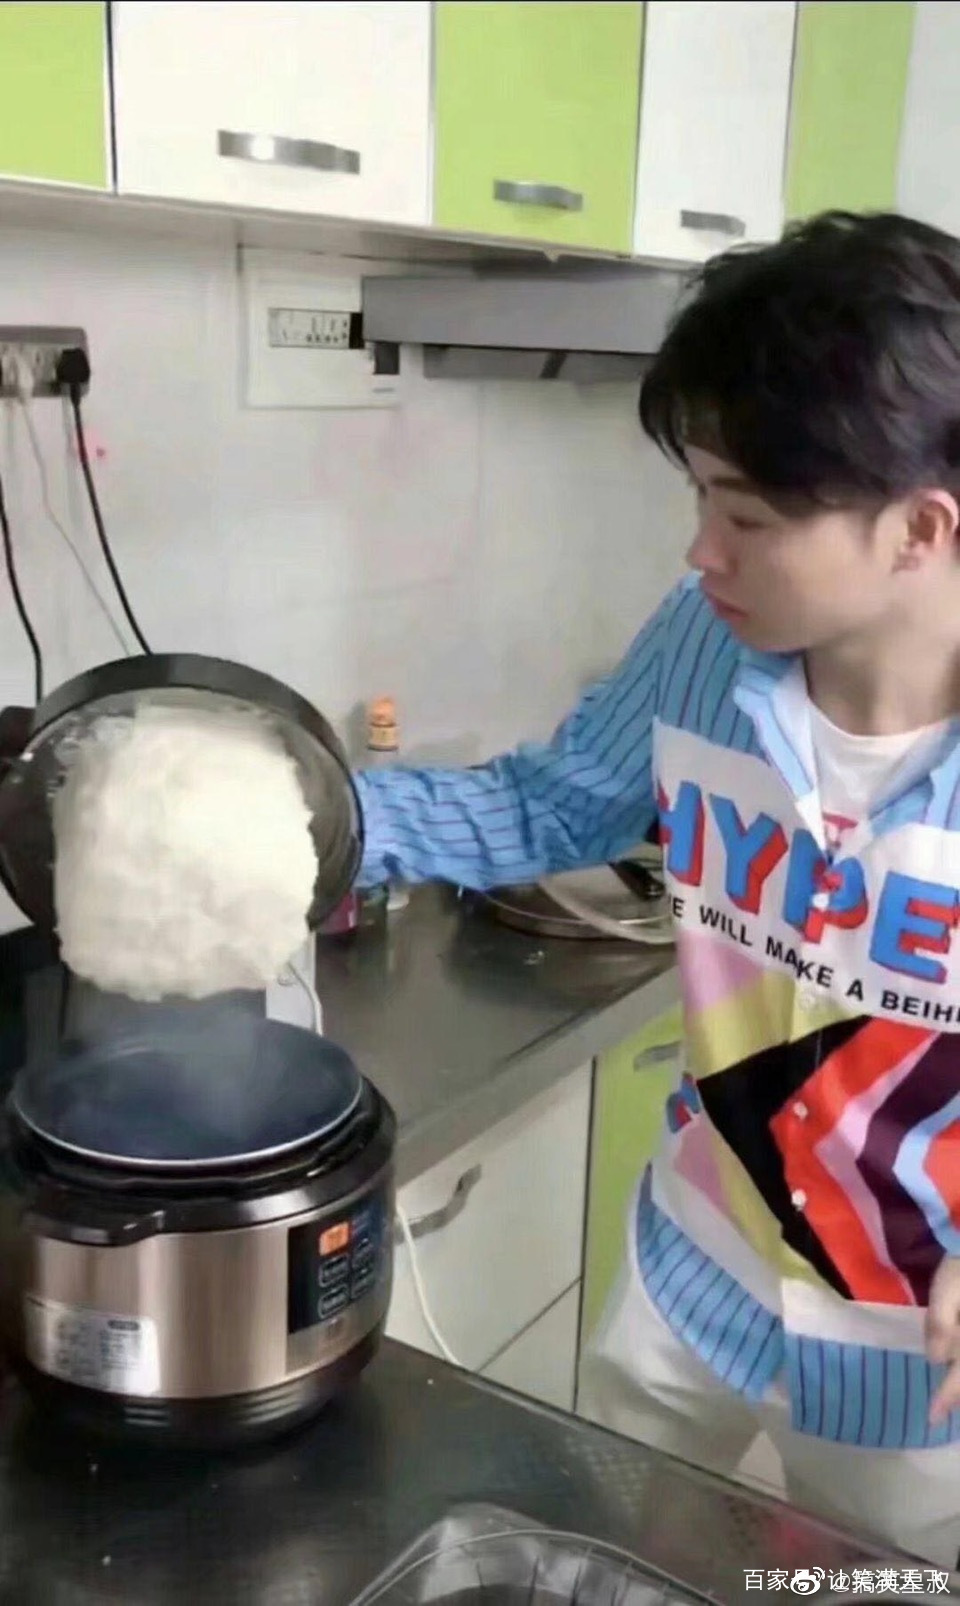 网上买的电饭锅,说是不粘锅